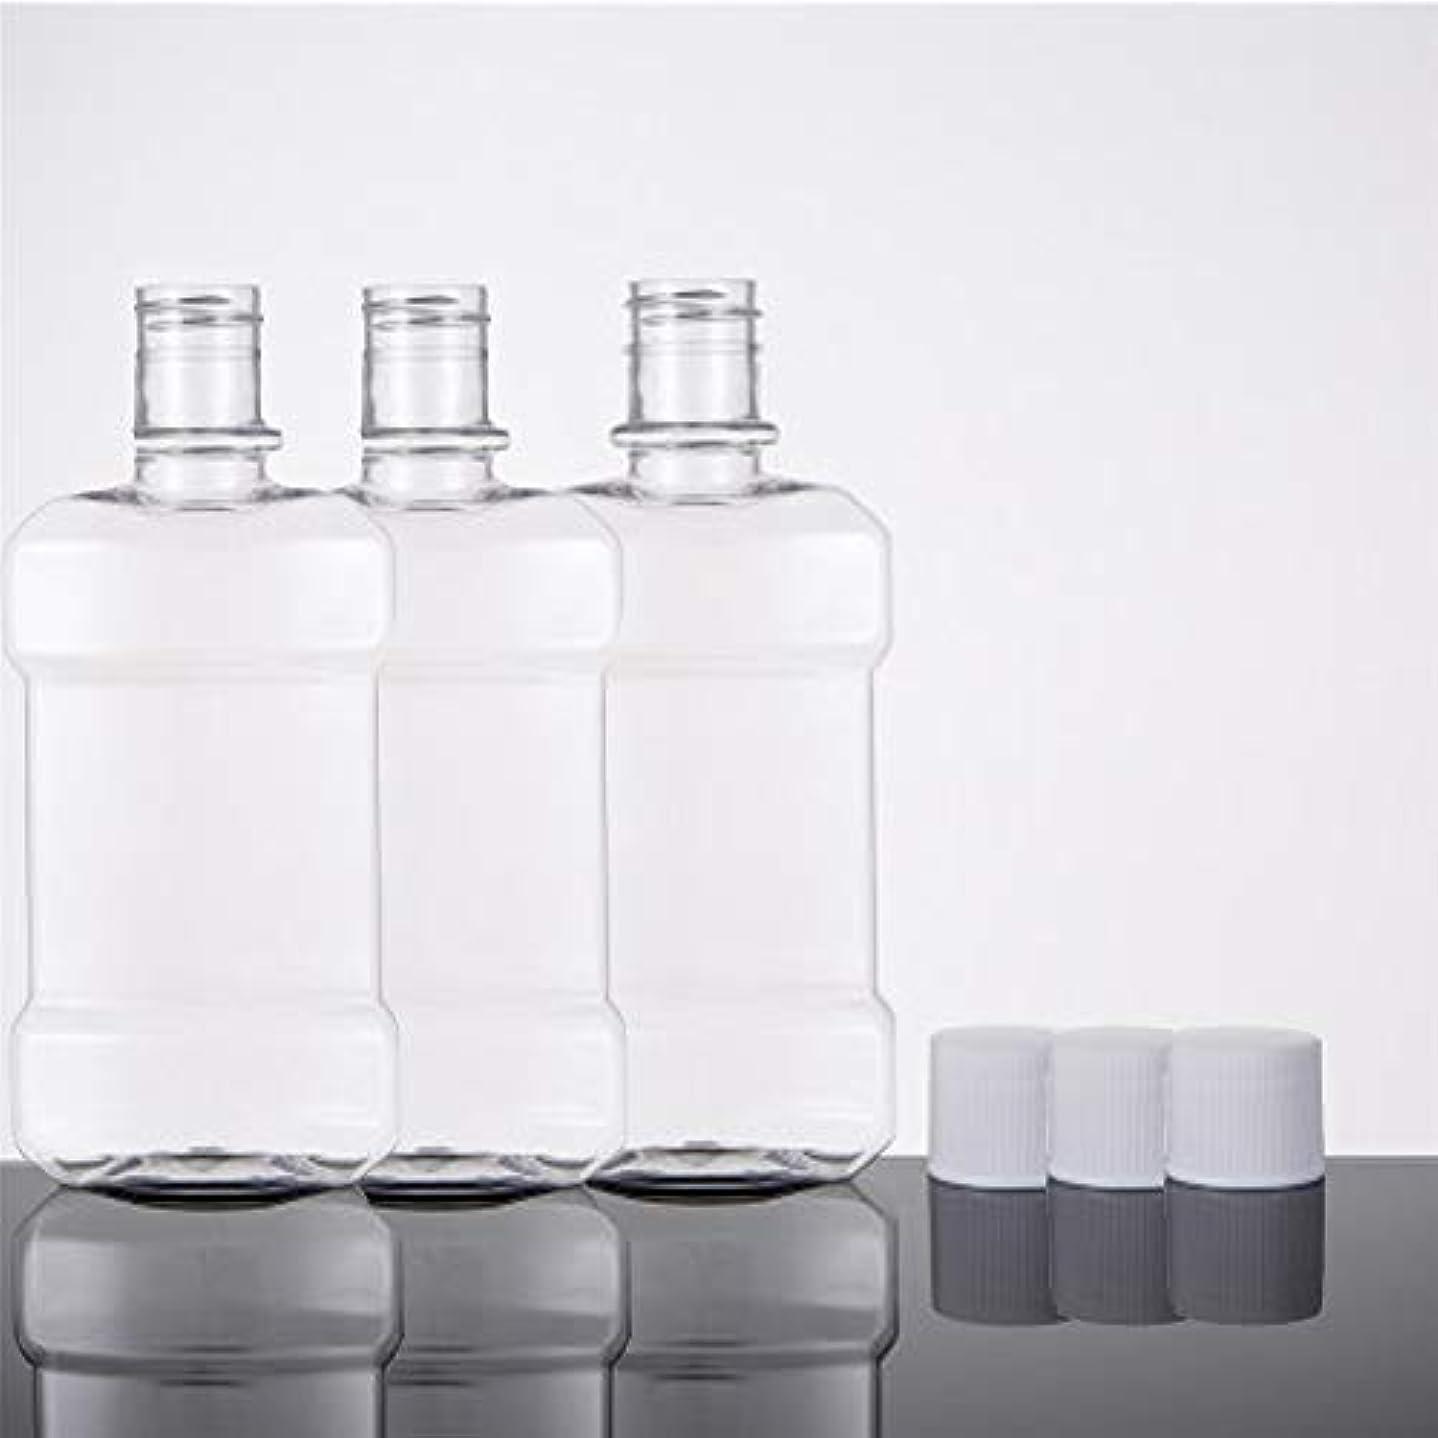 適応する狭い香水SHKI マウスウォッシュ専用詰め替えボトル 250ml*3個 空ボトル 3個セット 持ち運び便利